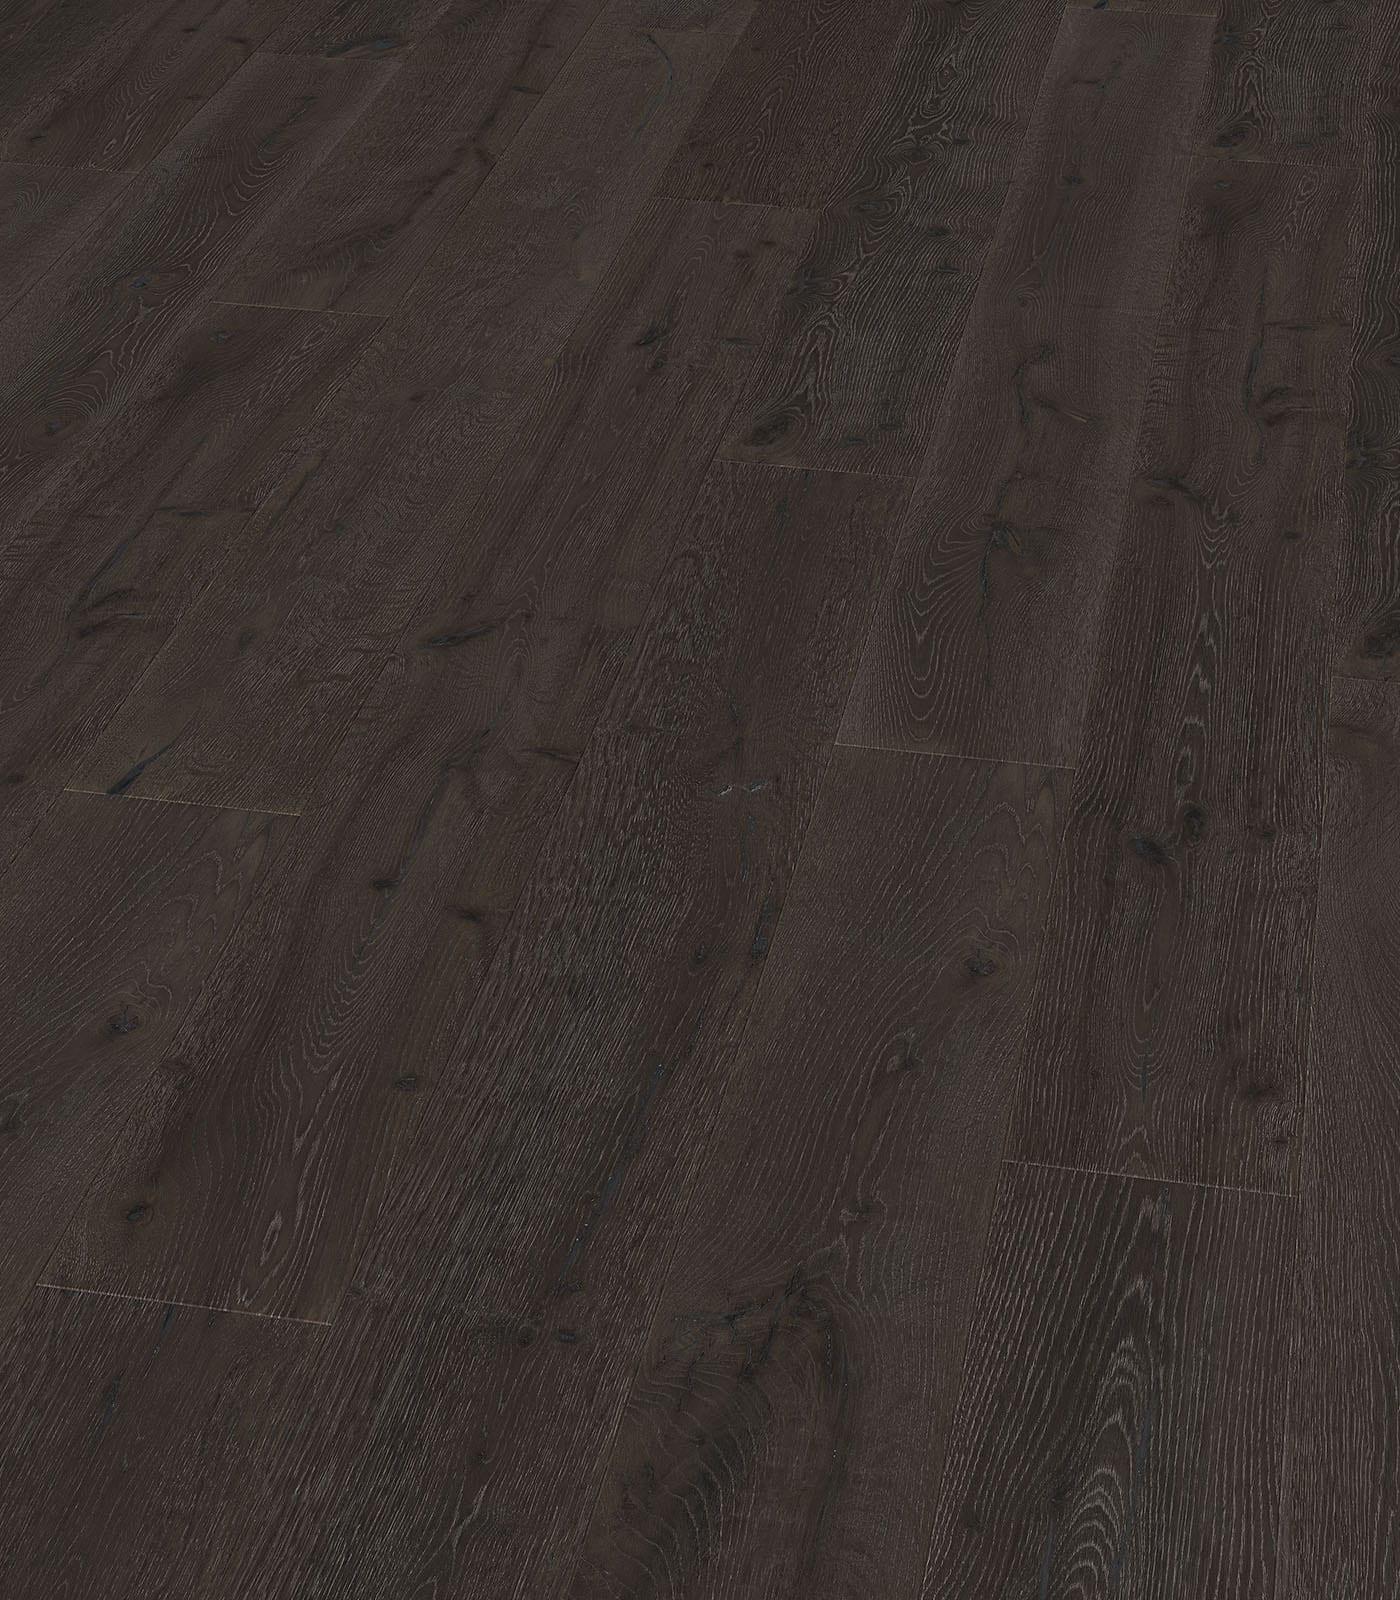 Sardinia-Lifestyle Collection-European Oak Floors-angle